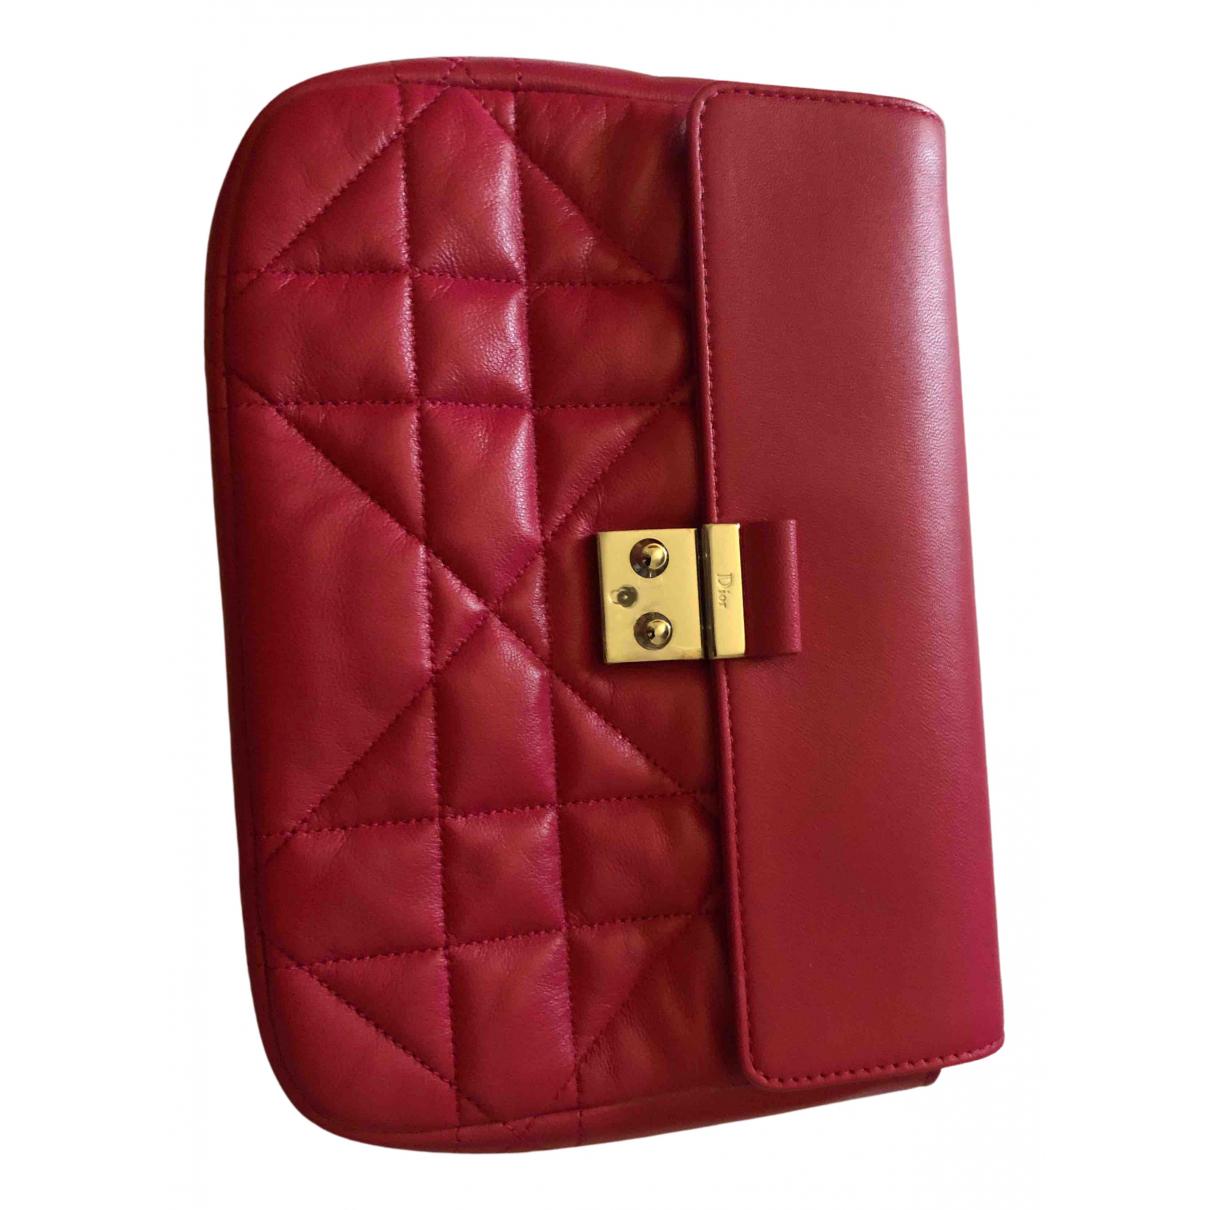 Dior - Sac a main Miss Dior pour femme en cuir - rose